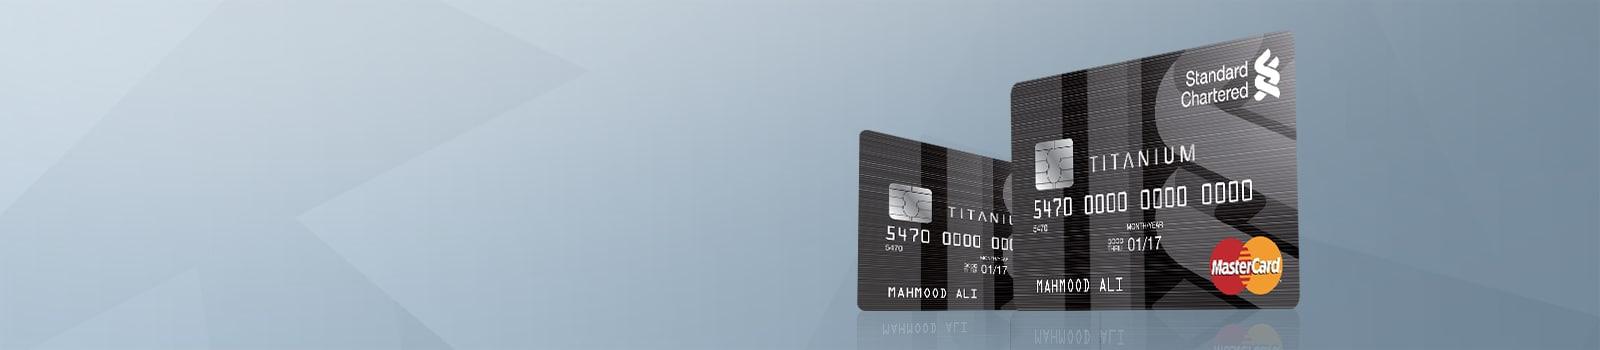 Master Card Titanium Credit Card